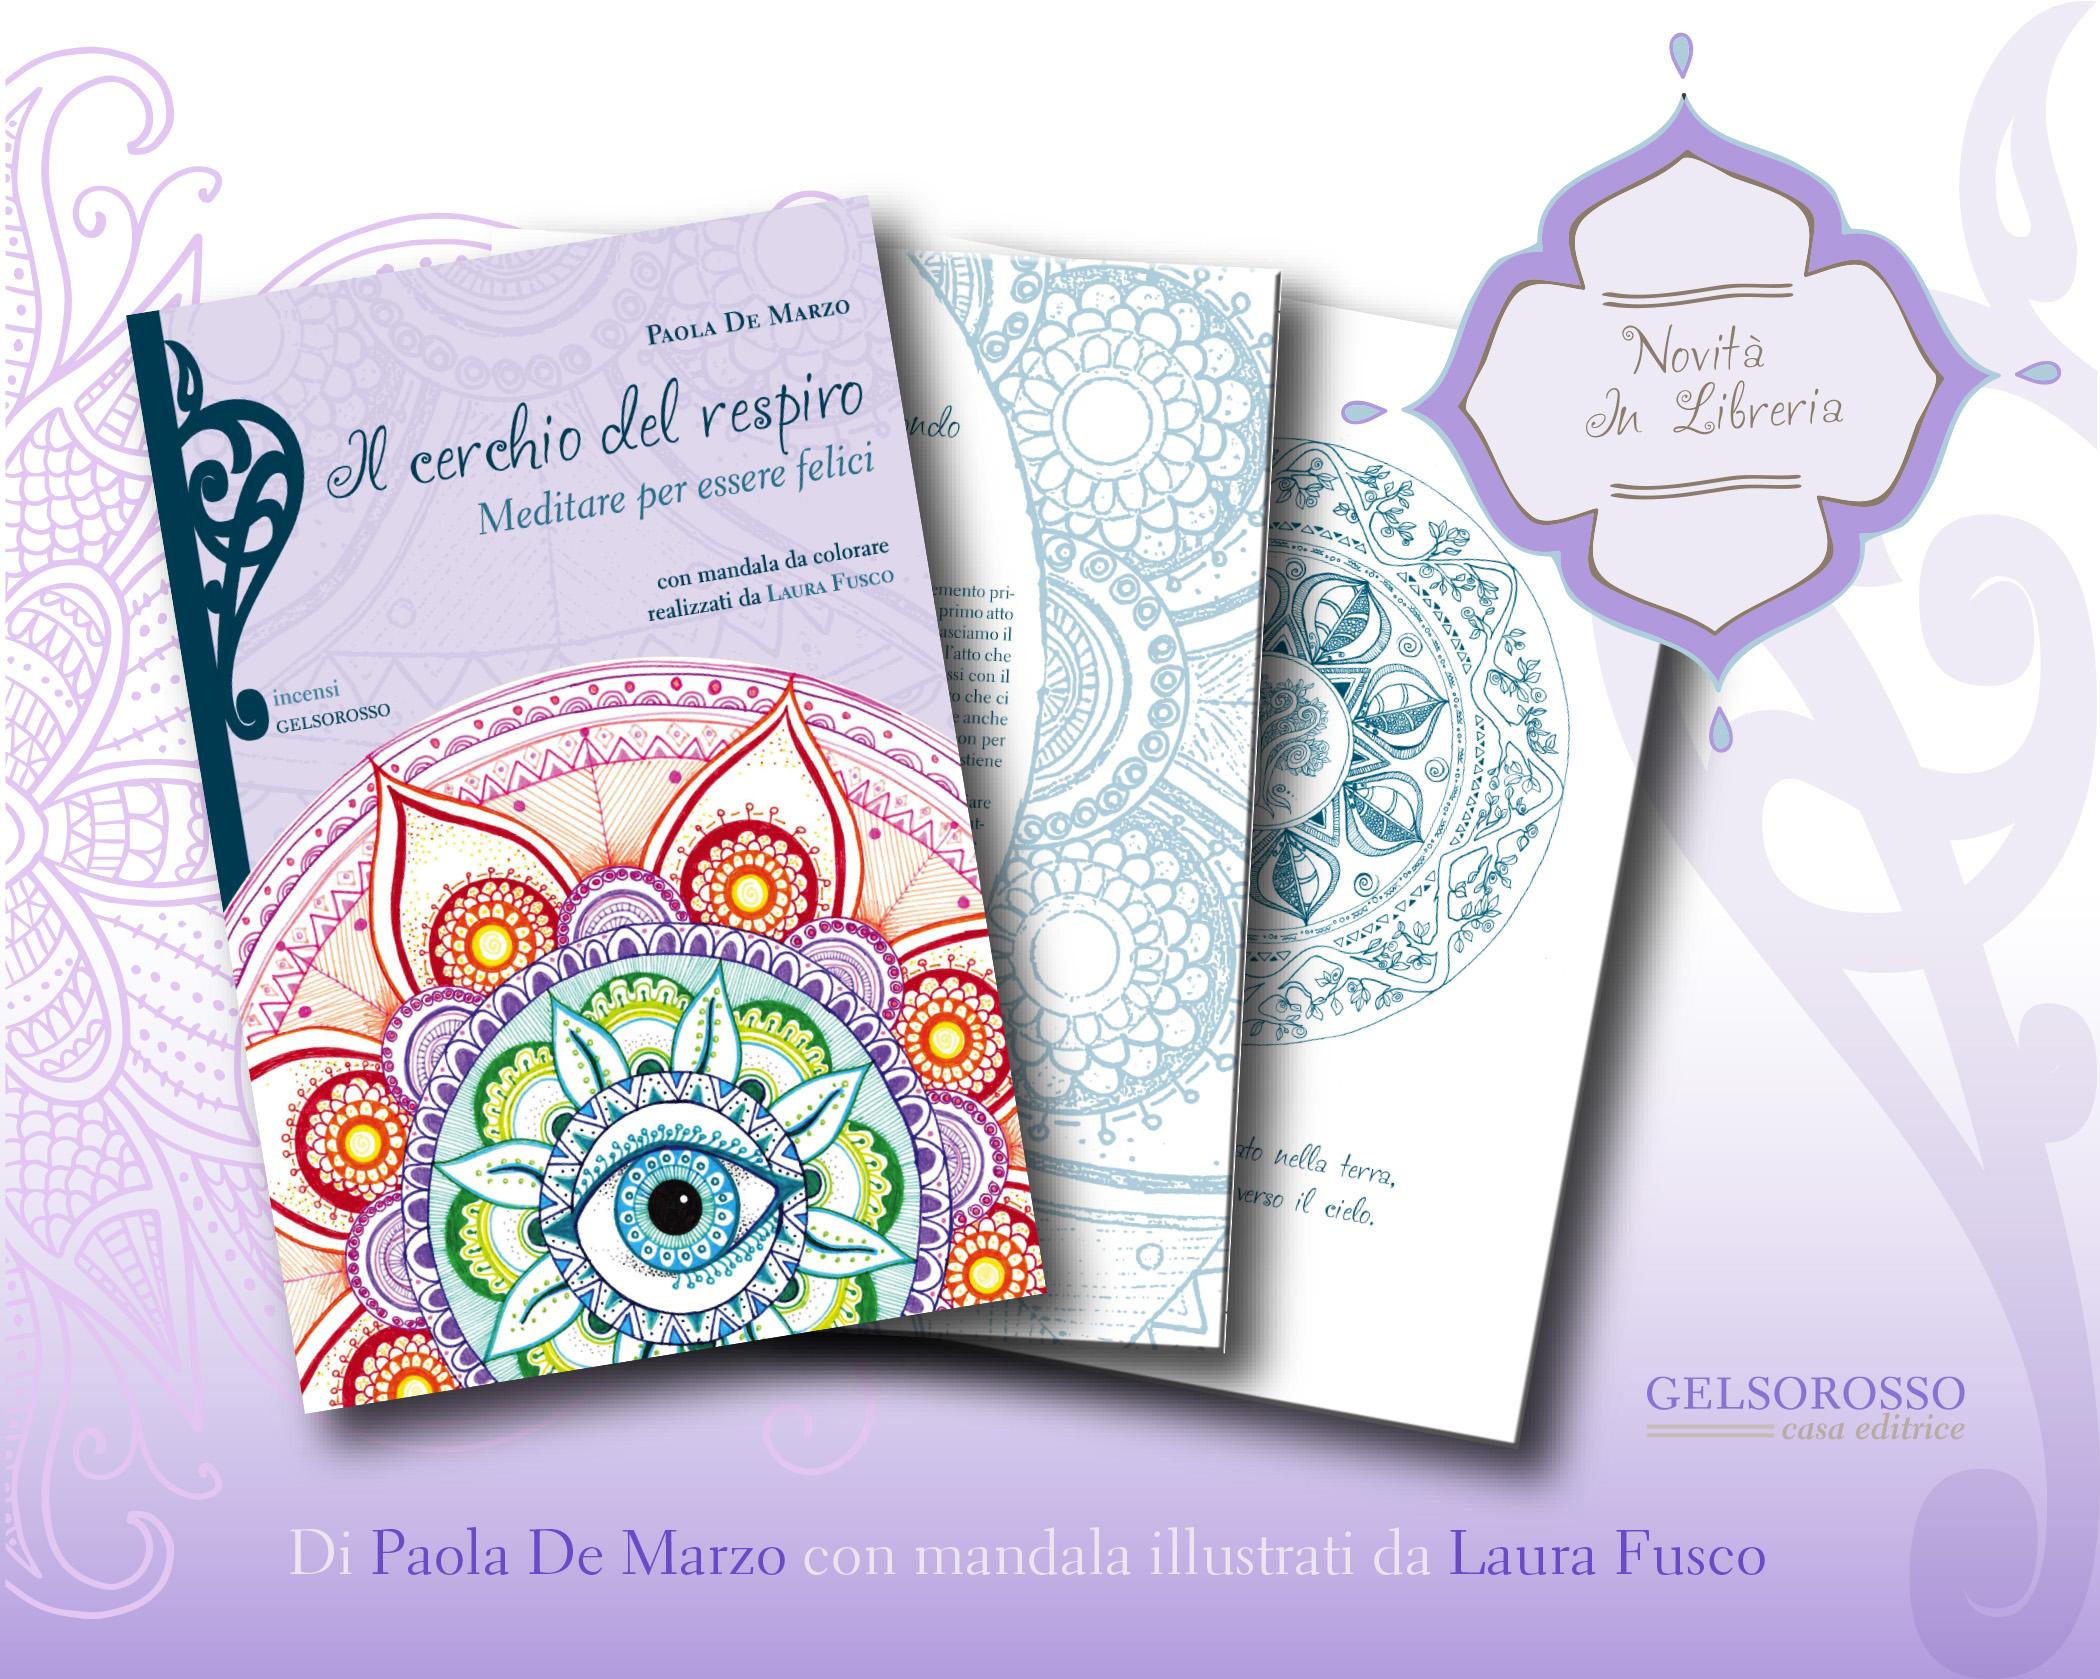 Un libro sulla meditazione con Mandala illustrati da Laura Fusco